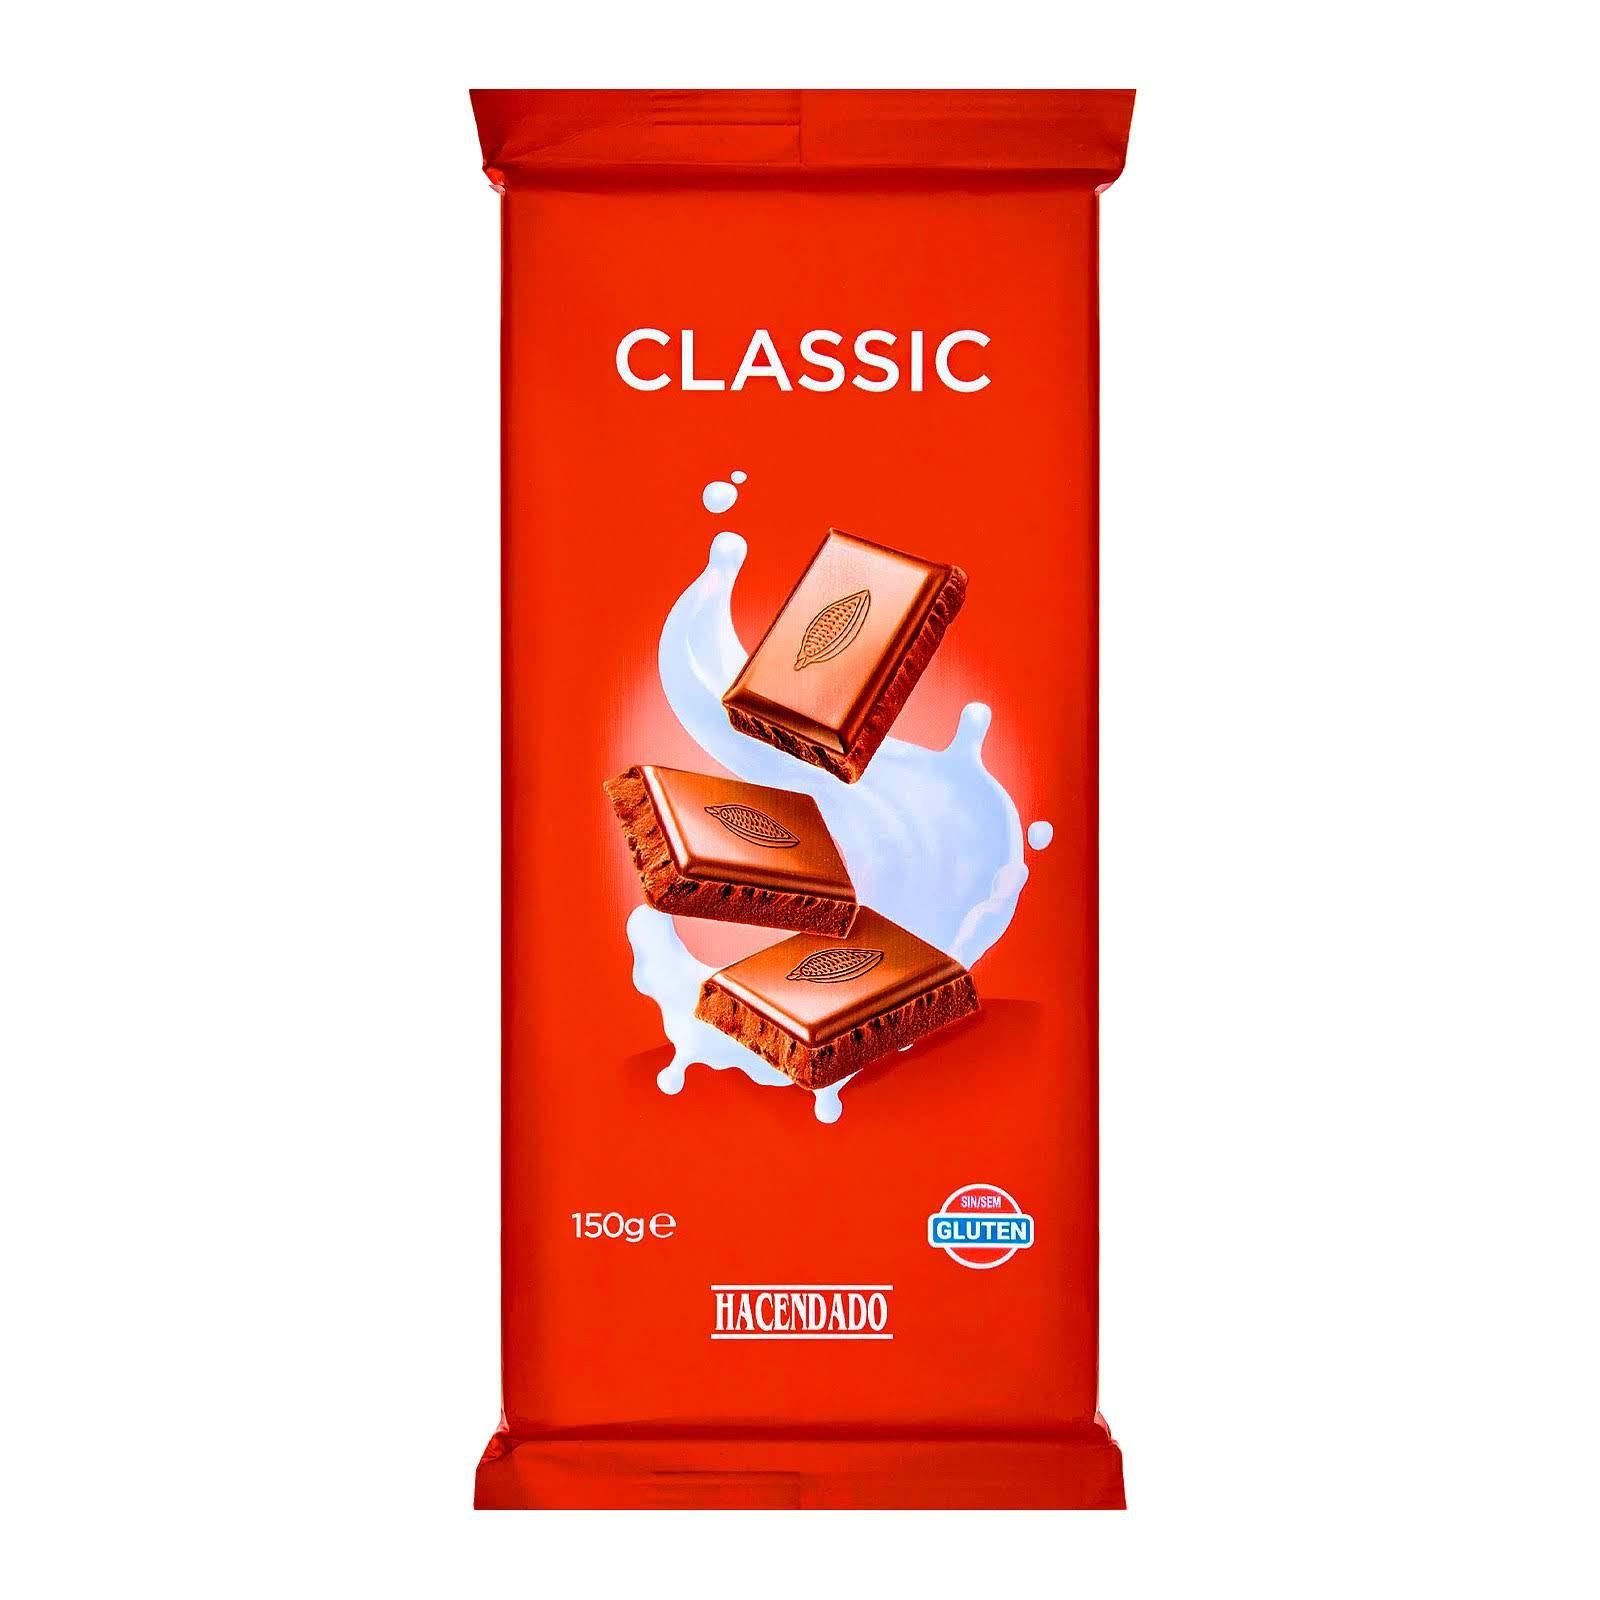 Chocolate con leche extrafino classic Hacendado